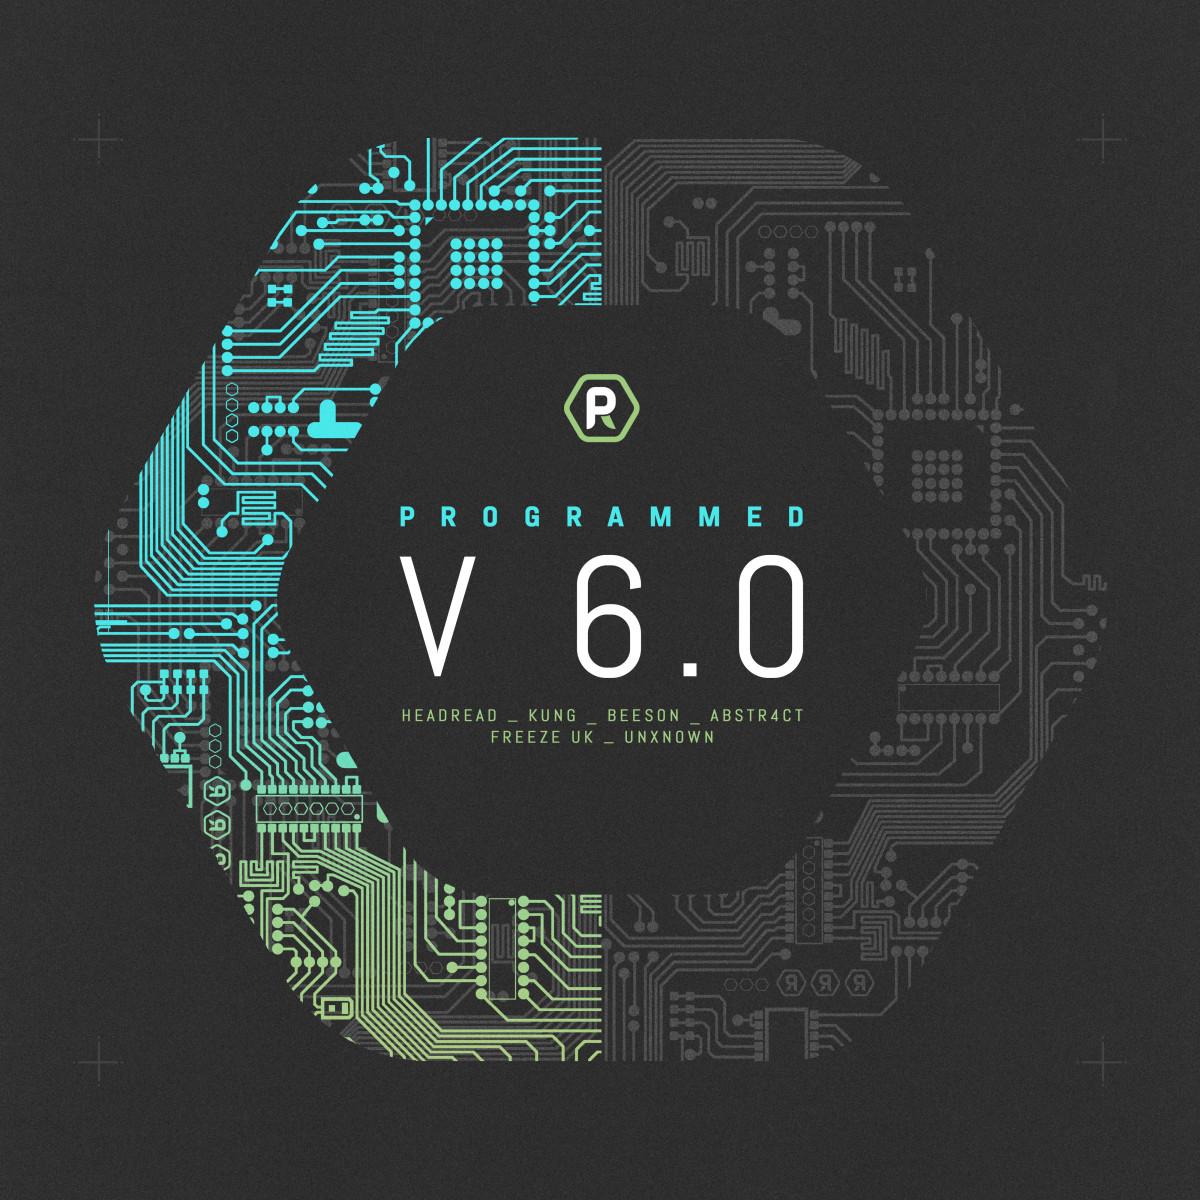 Programmed Vol. 6